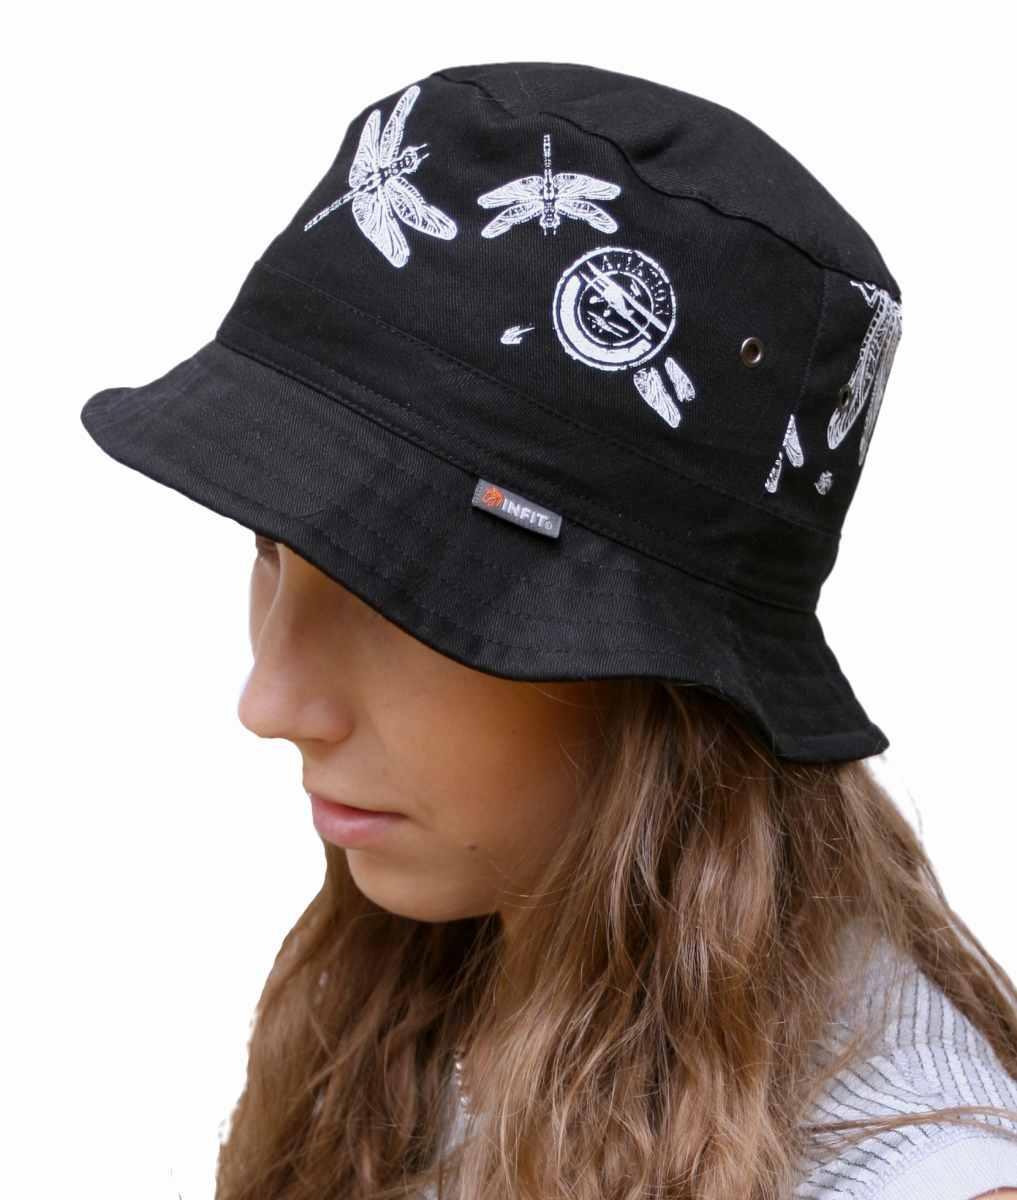 a93bdee4e7e Daen letní klobouk černý vzor Vážka